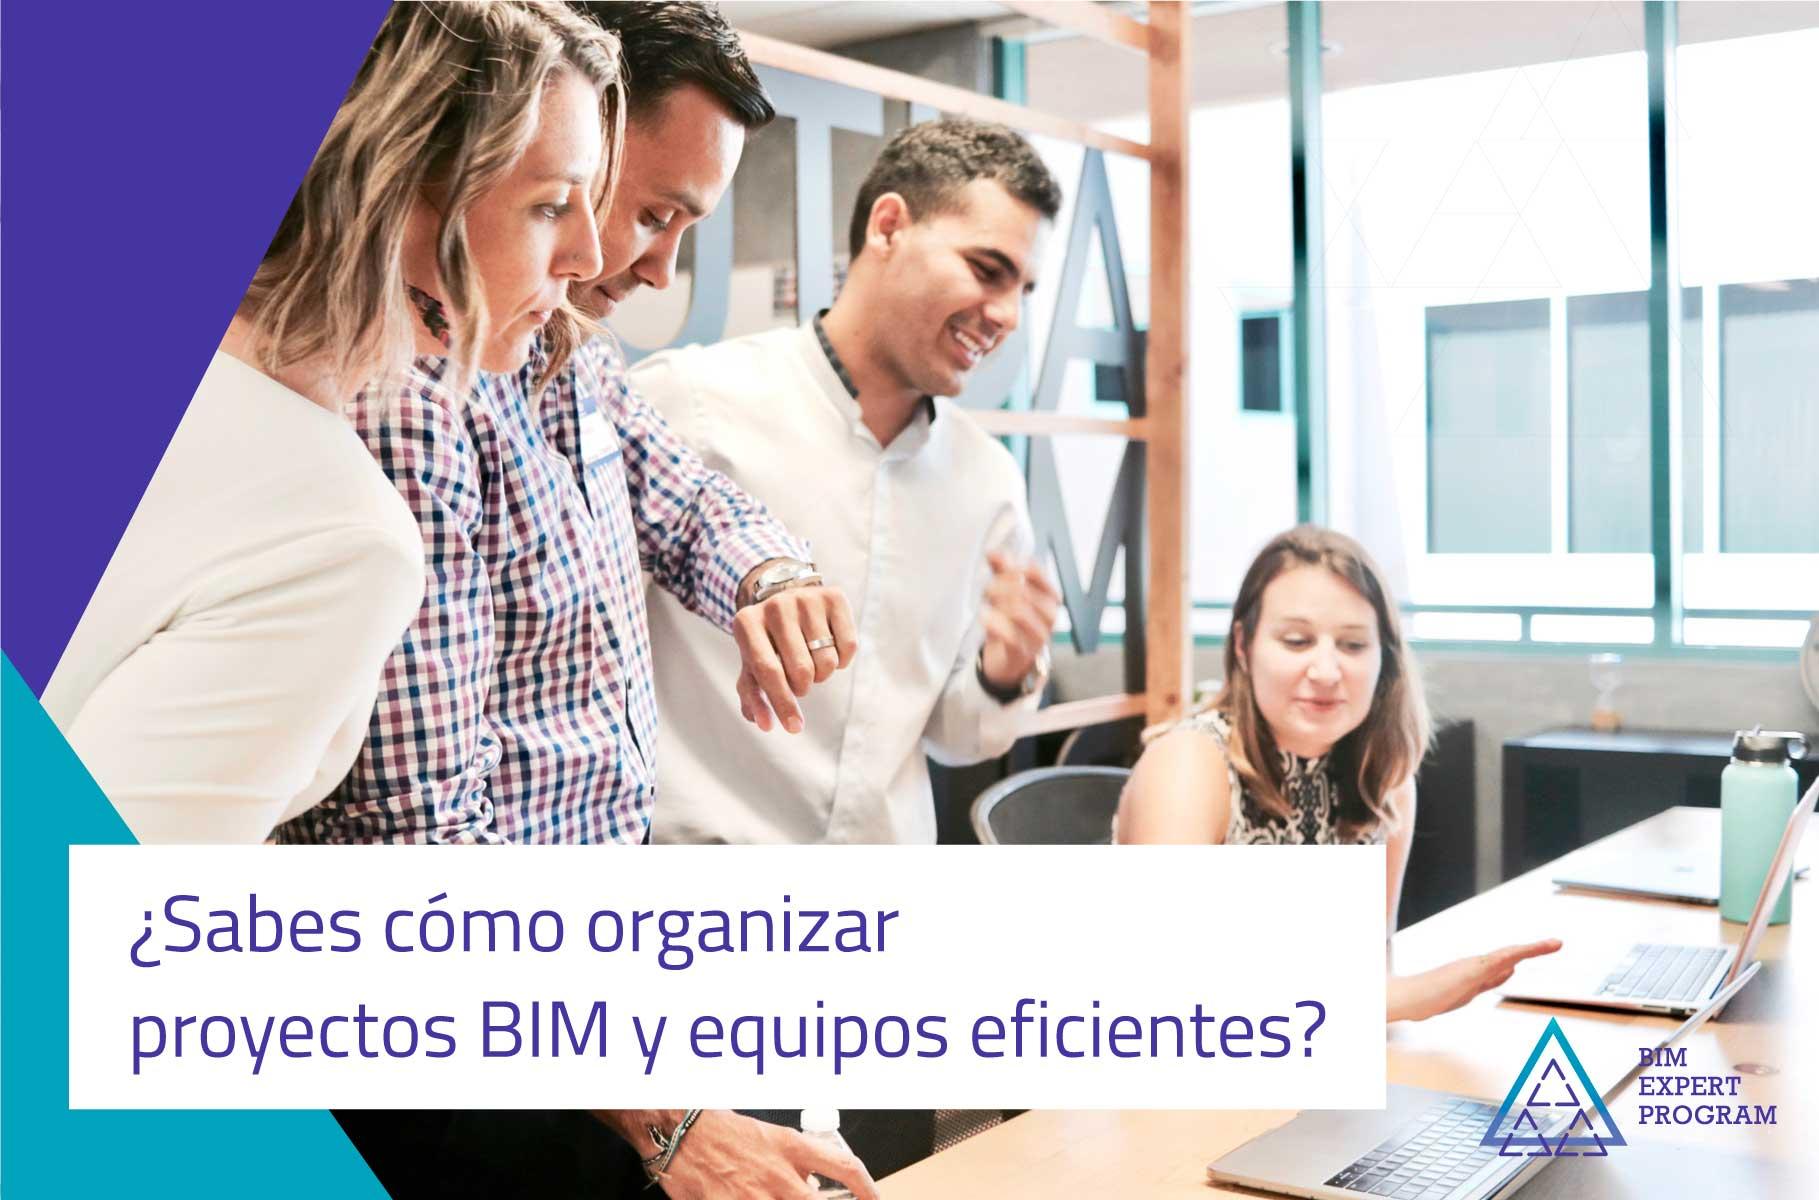 Cómo organizar proyectos BIM y equipos eficientes